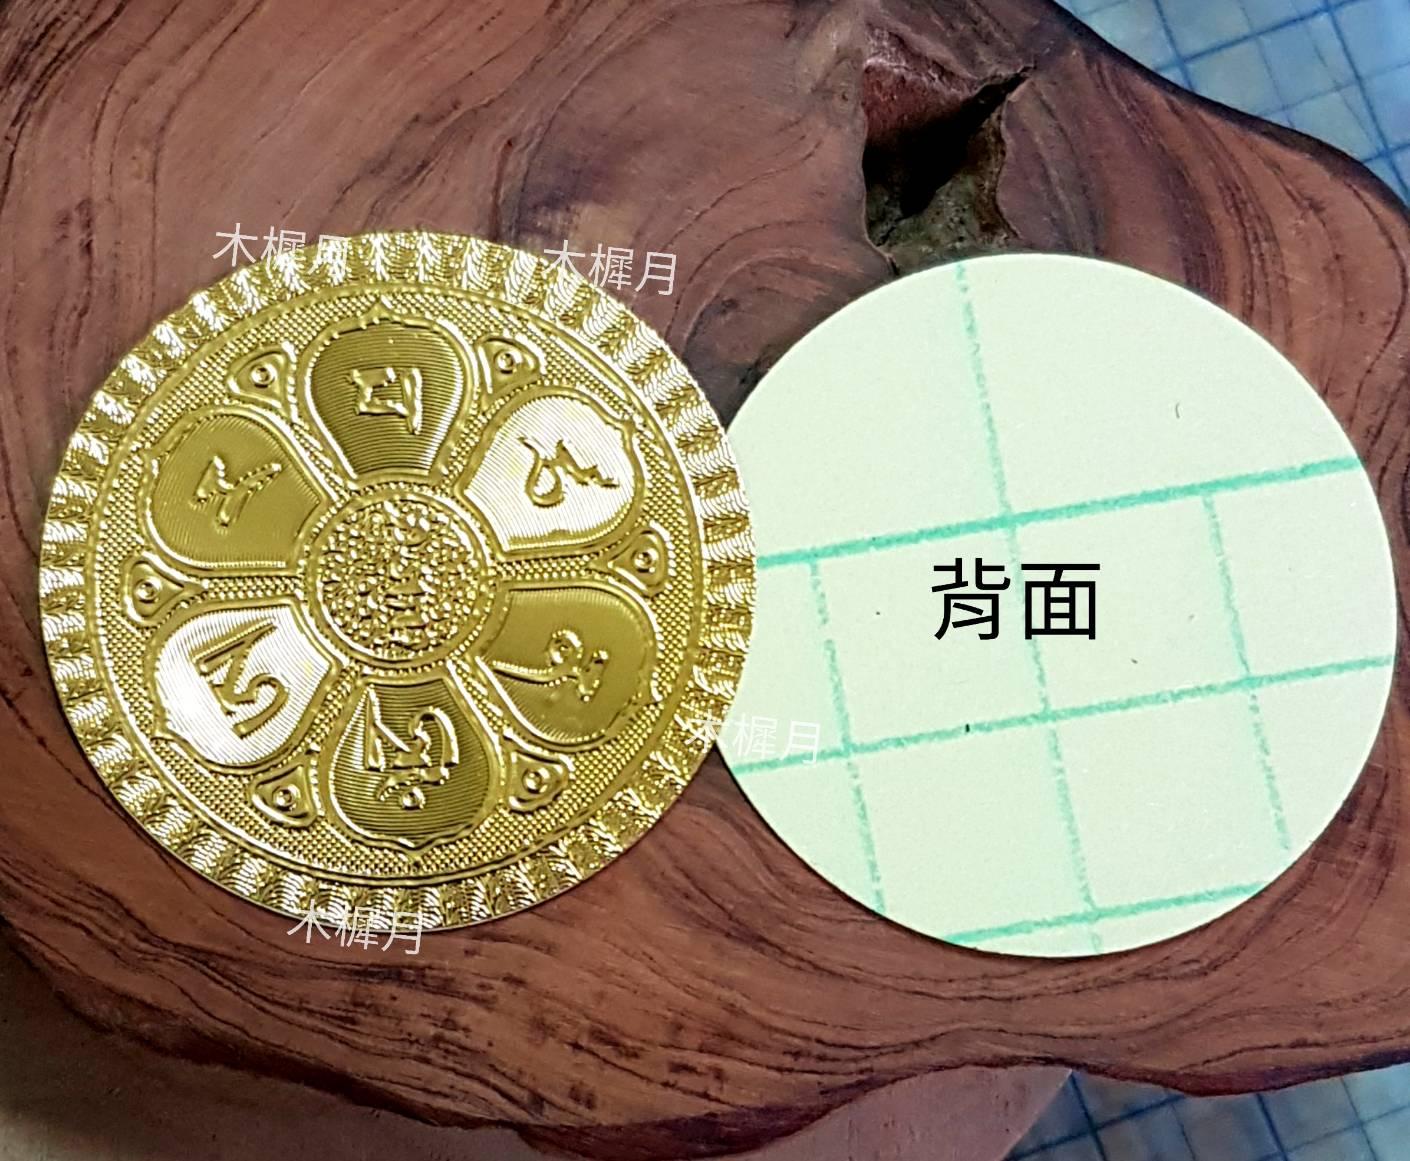 【木樨月】金箔 六字箴言貼紙、解脫六道咒輪貼紙